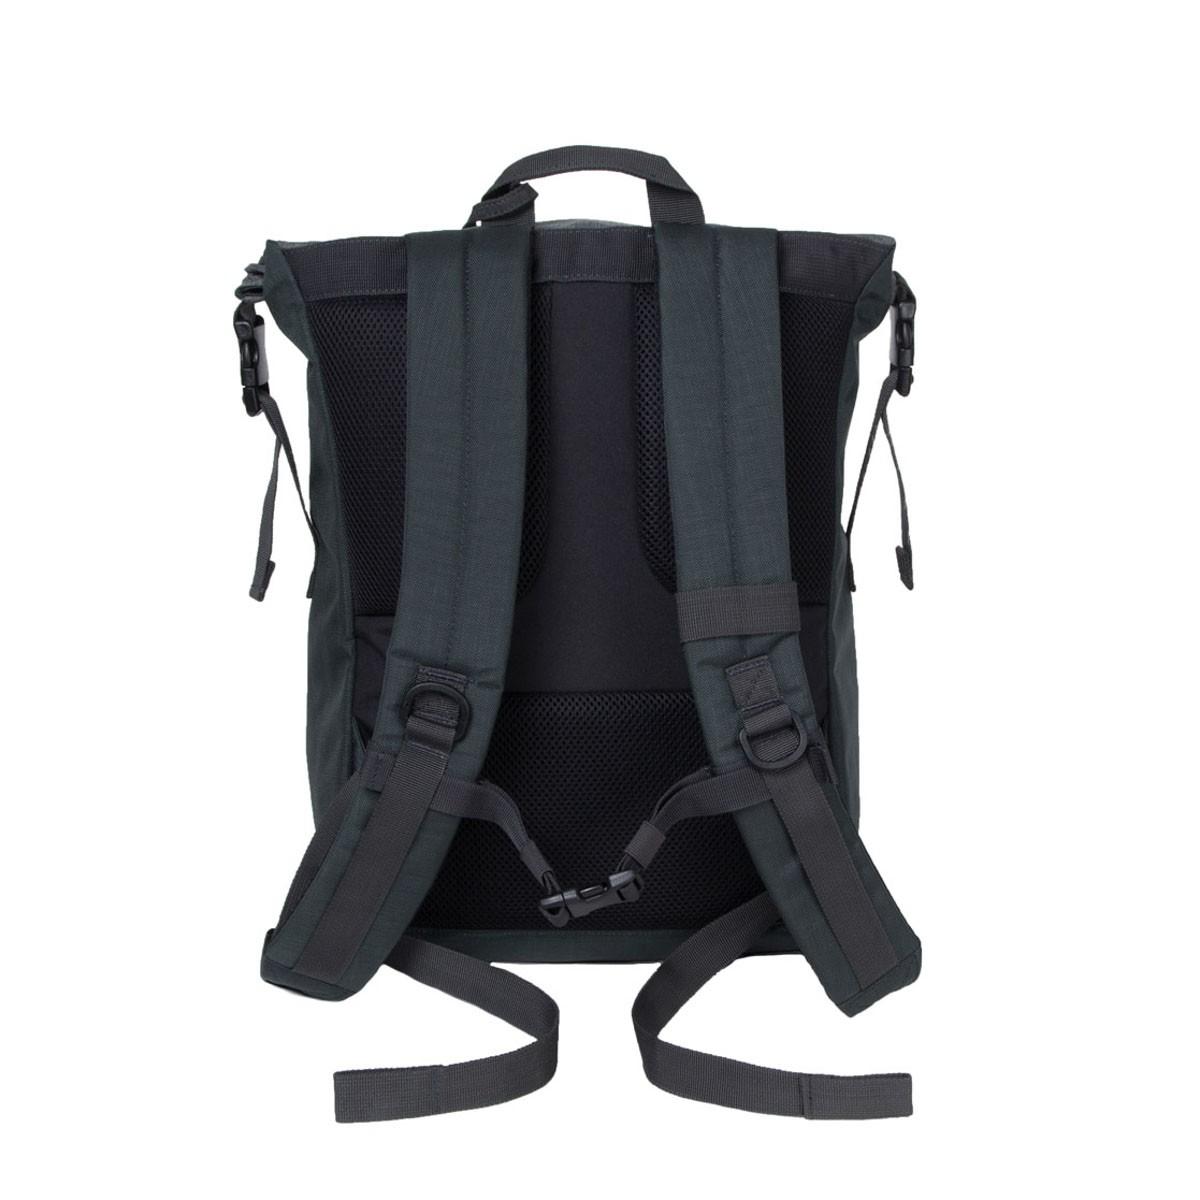 Menší rolovací batoh Crumpler Track Jack Day Backpack white grey ... 012edd3c9d